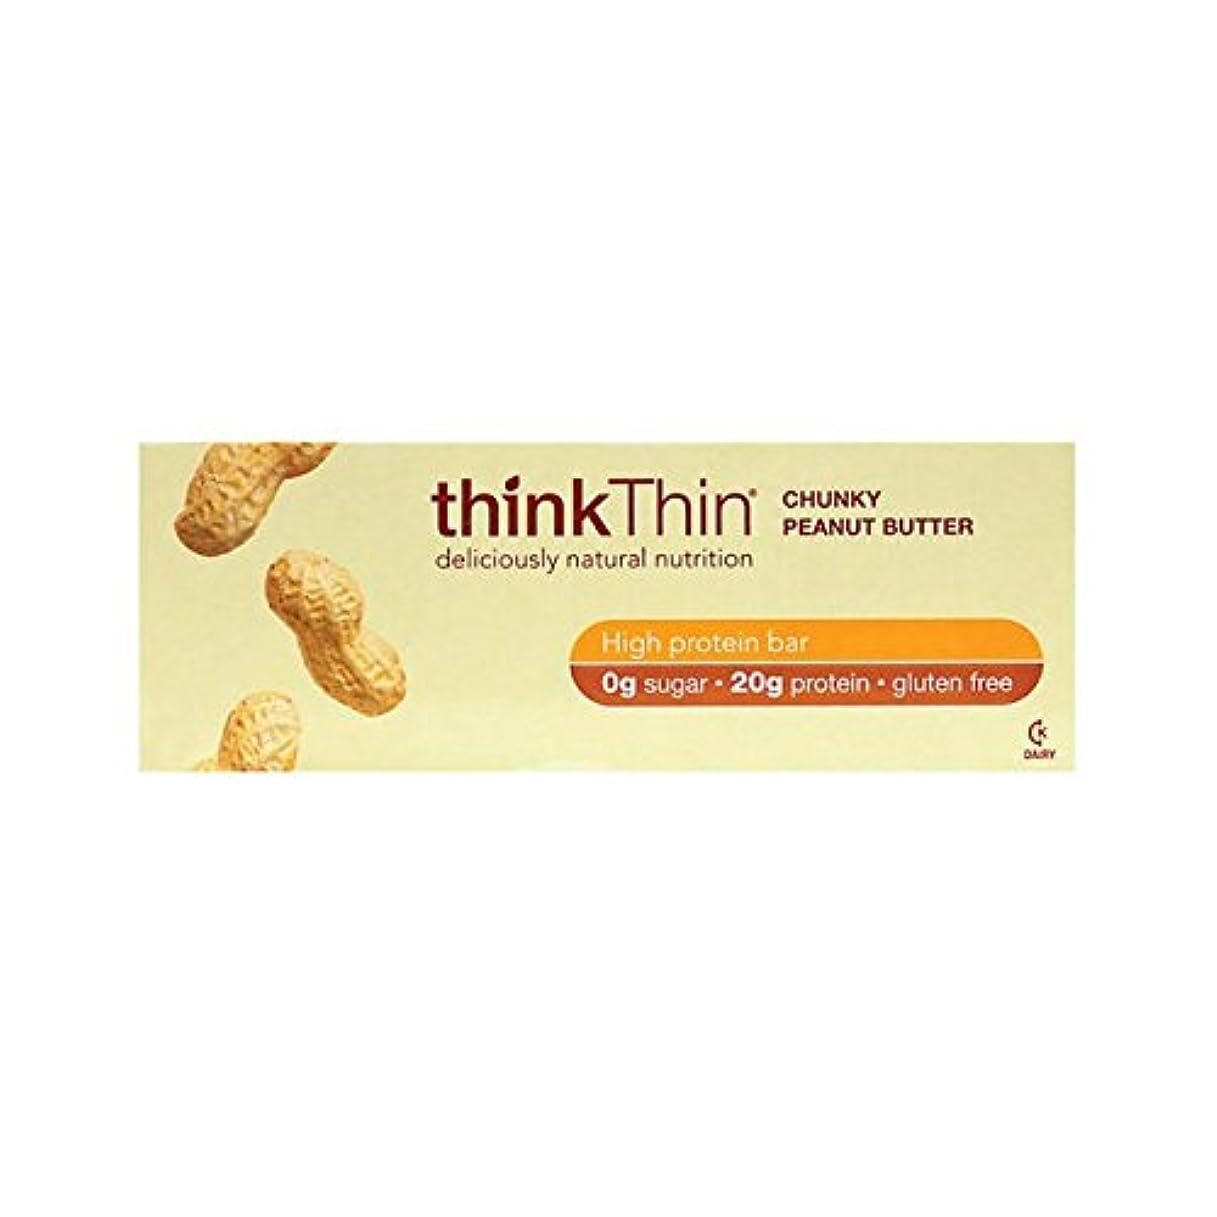 クラシック日記公爵Think Products - thinkThin タンパク質バー ボックス分厚いピーナッツ バター - 1バー